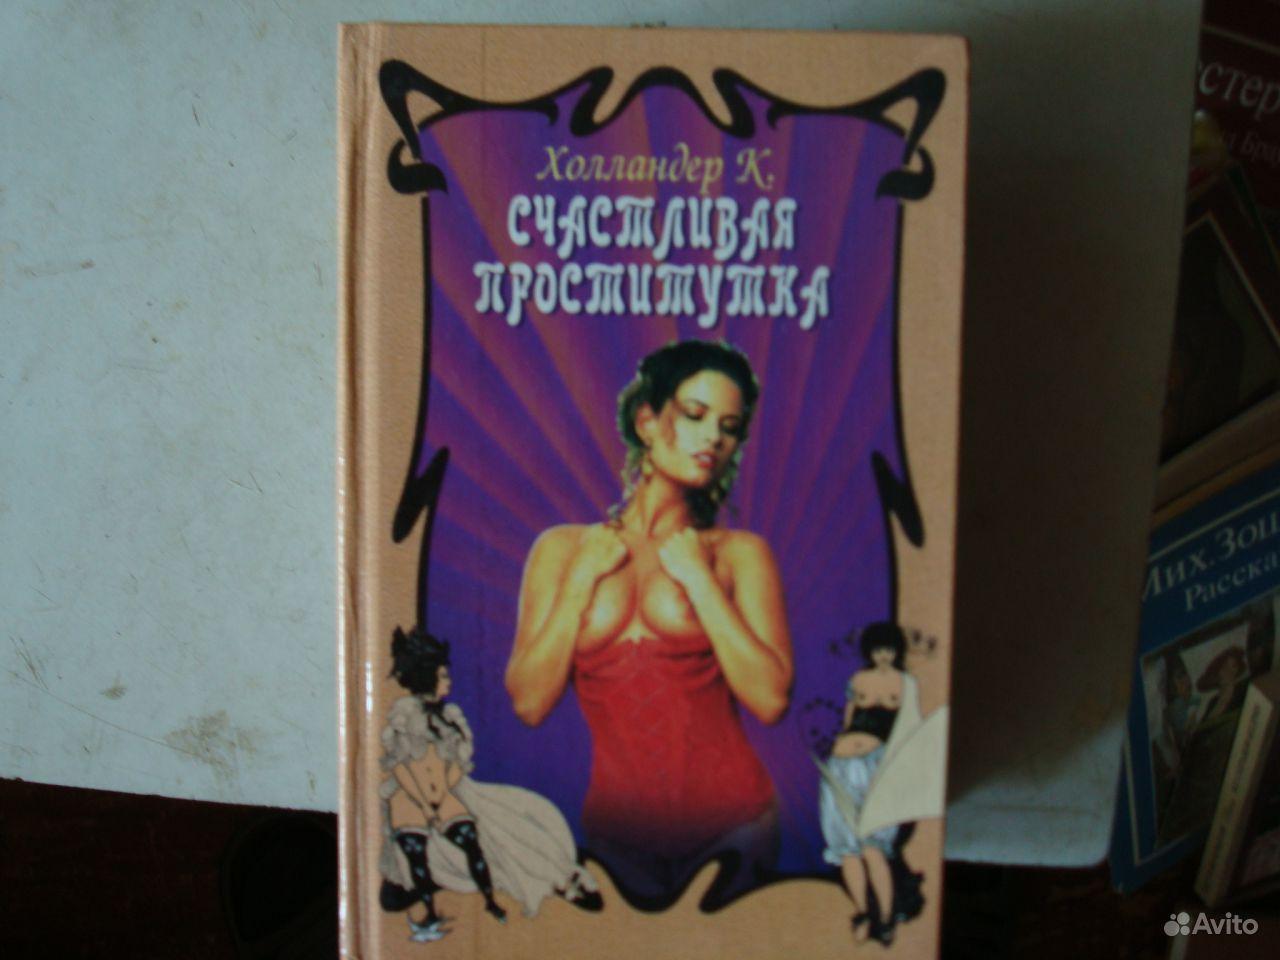 Выкрутился книга проститутки моему